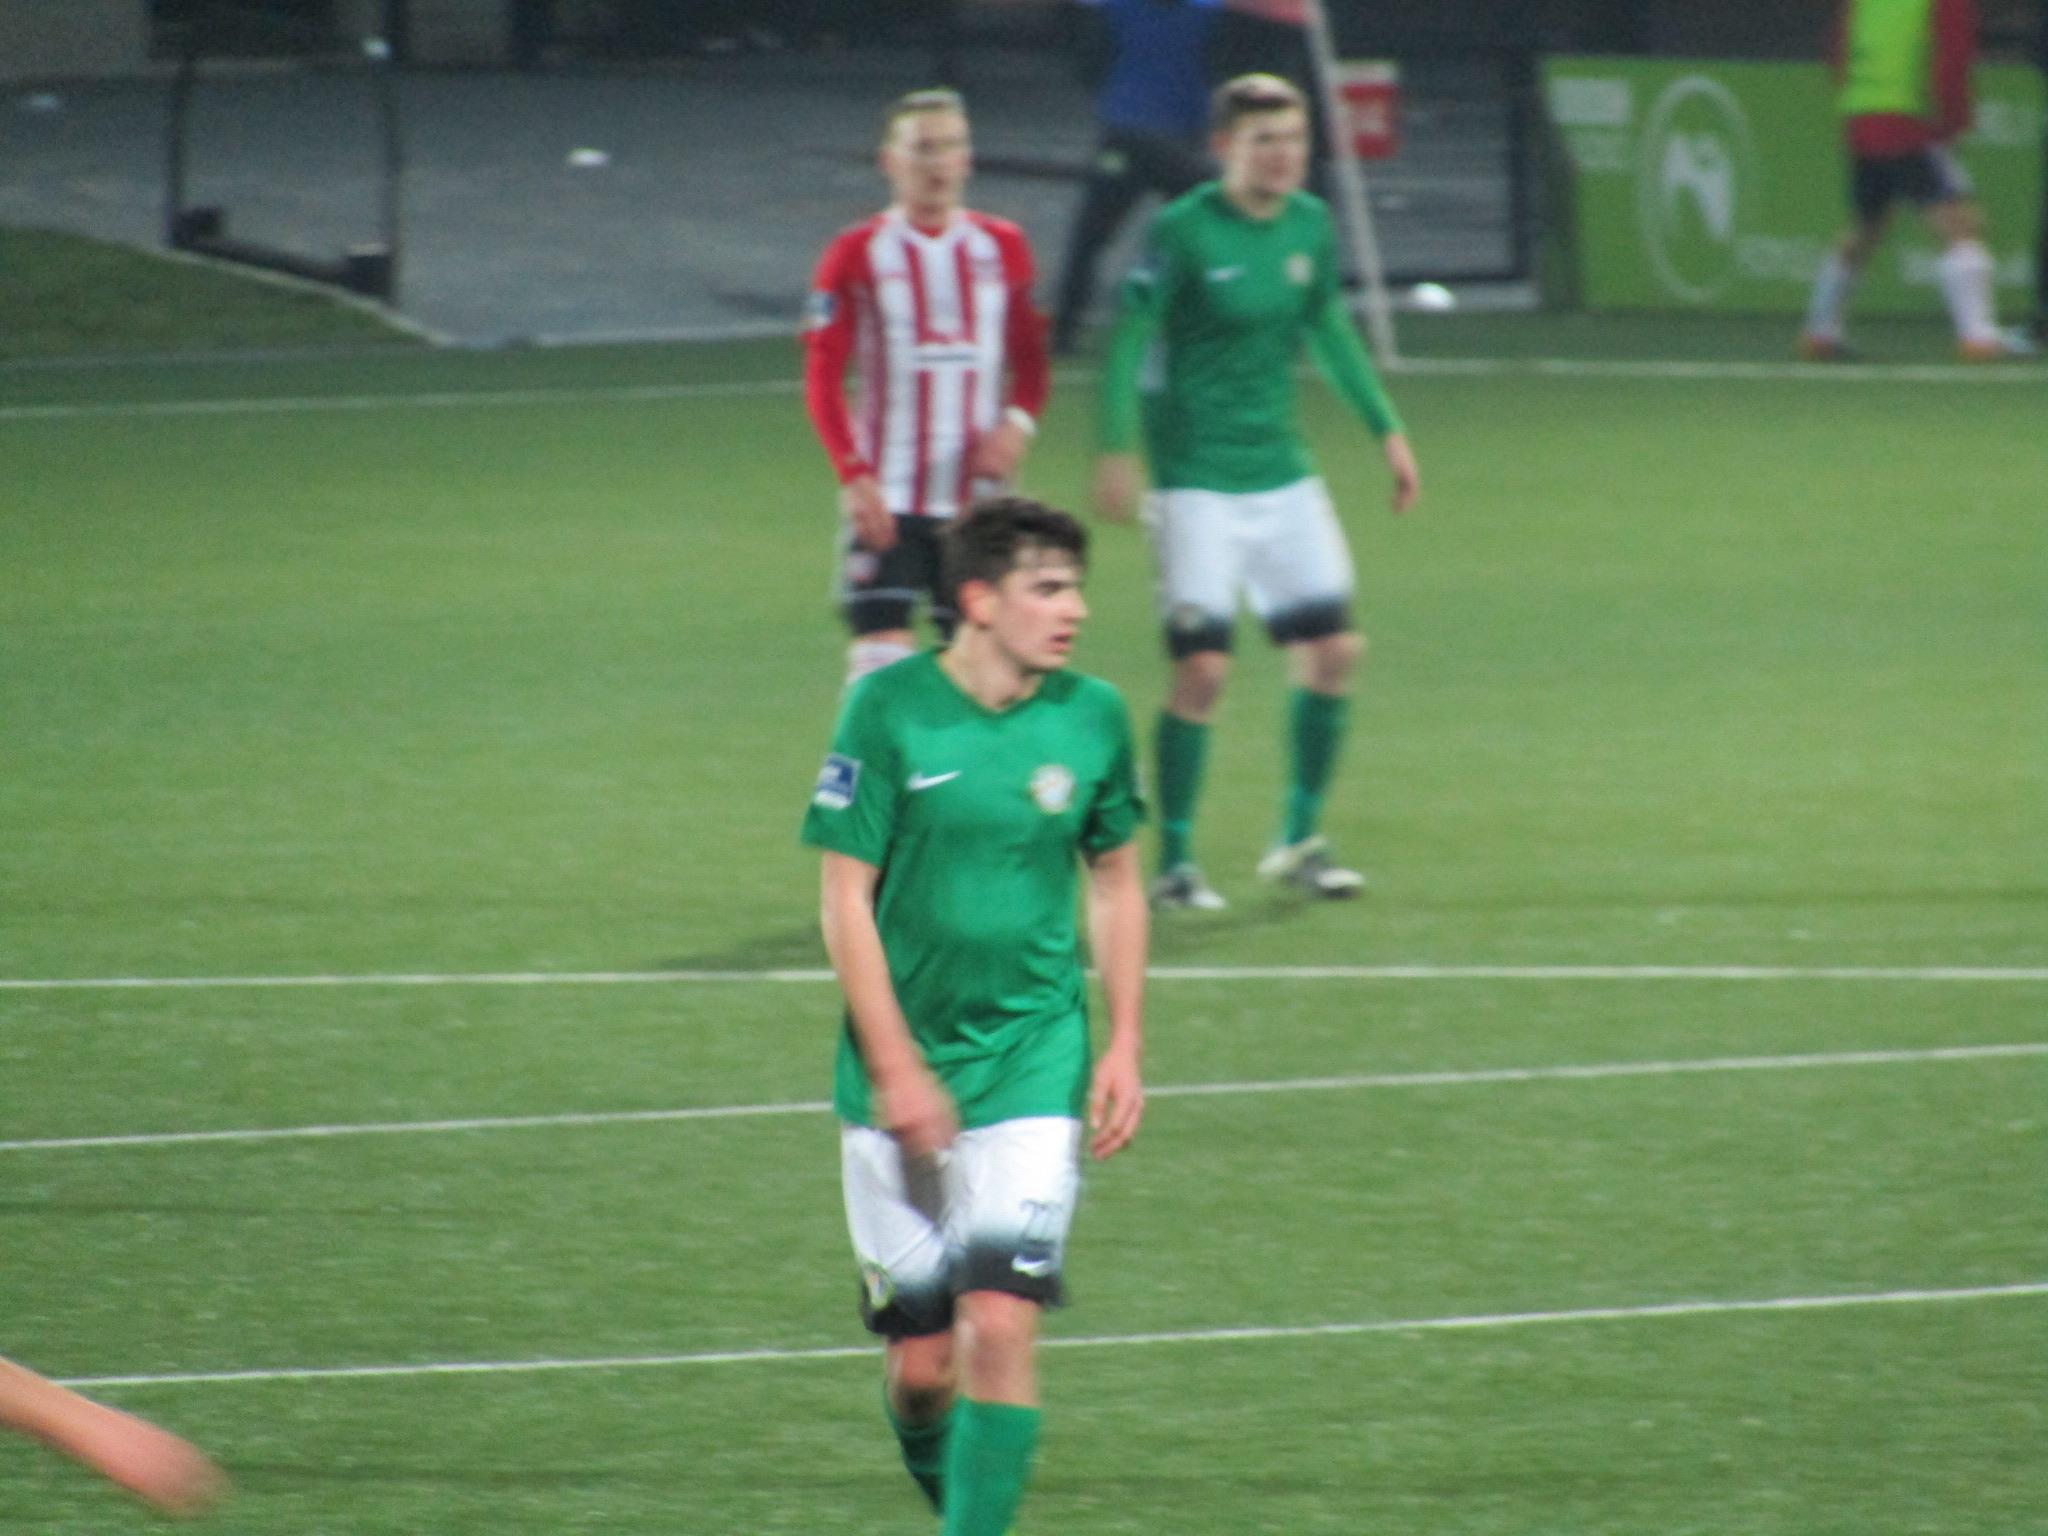 Derry c